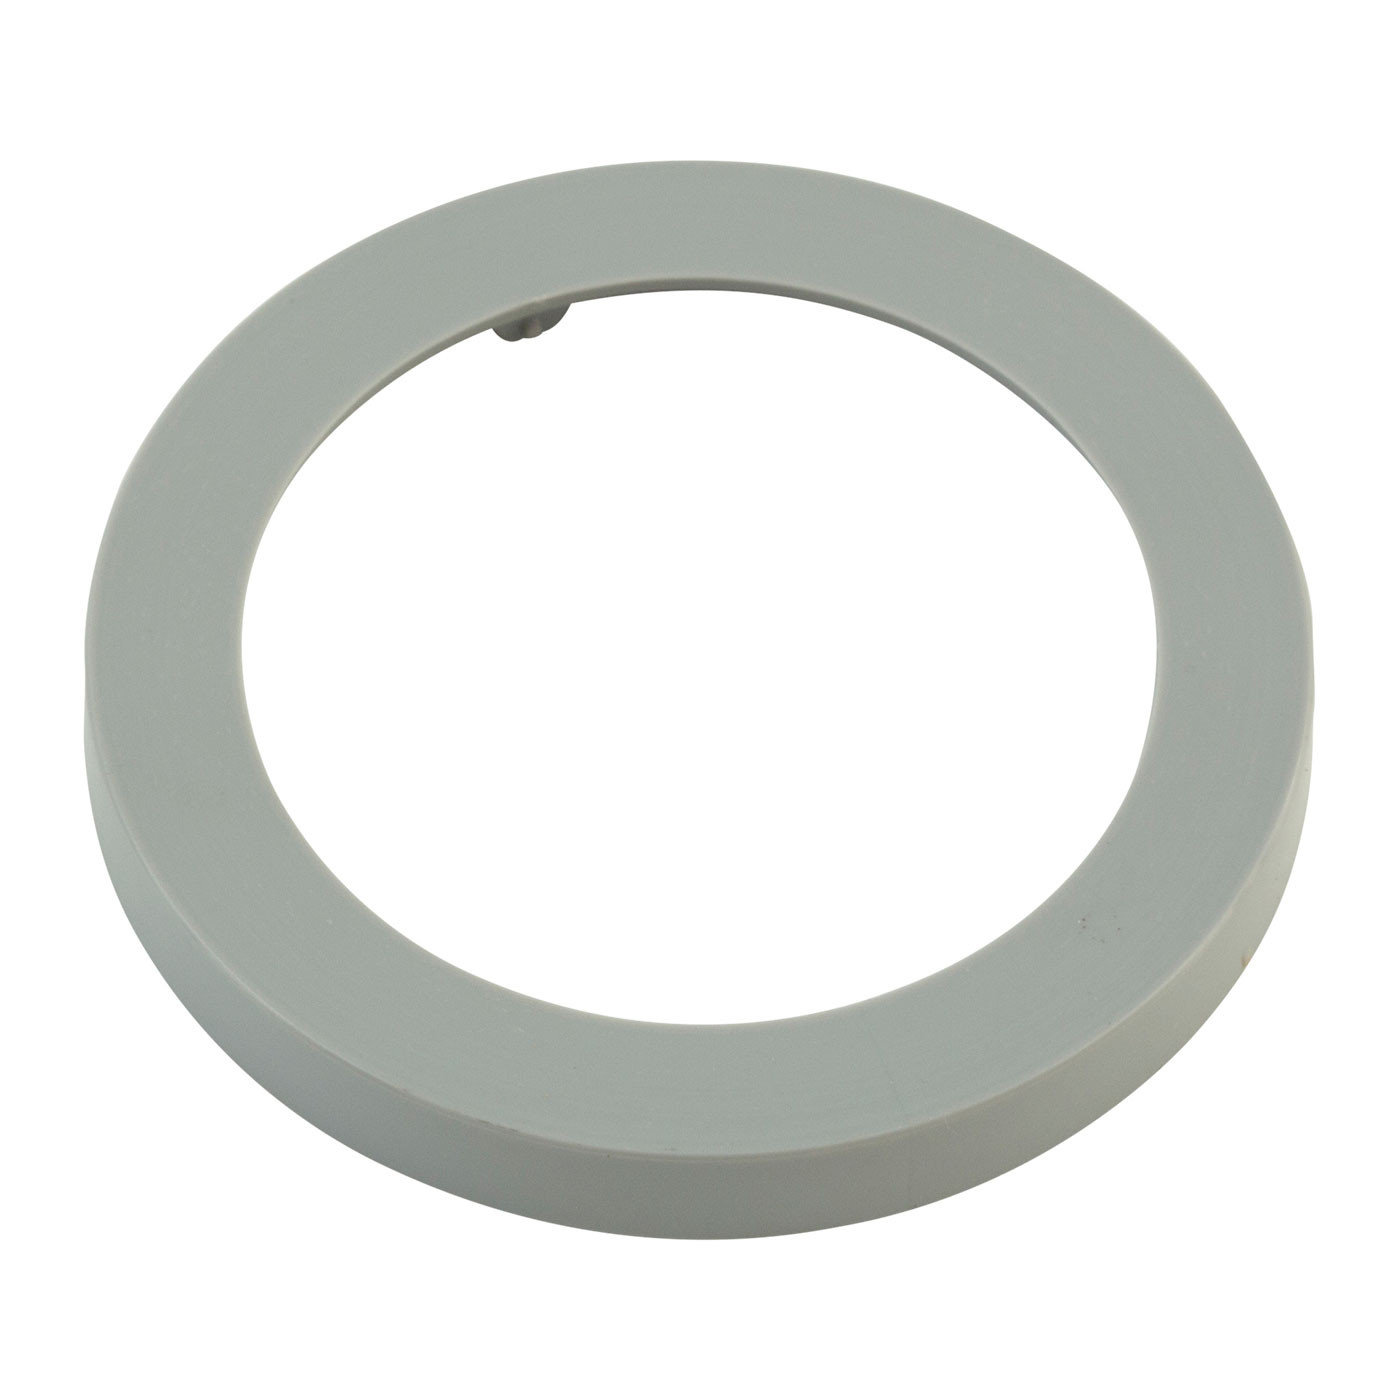 Milan adapter ring GU10 LED